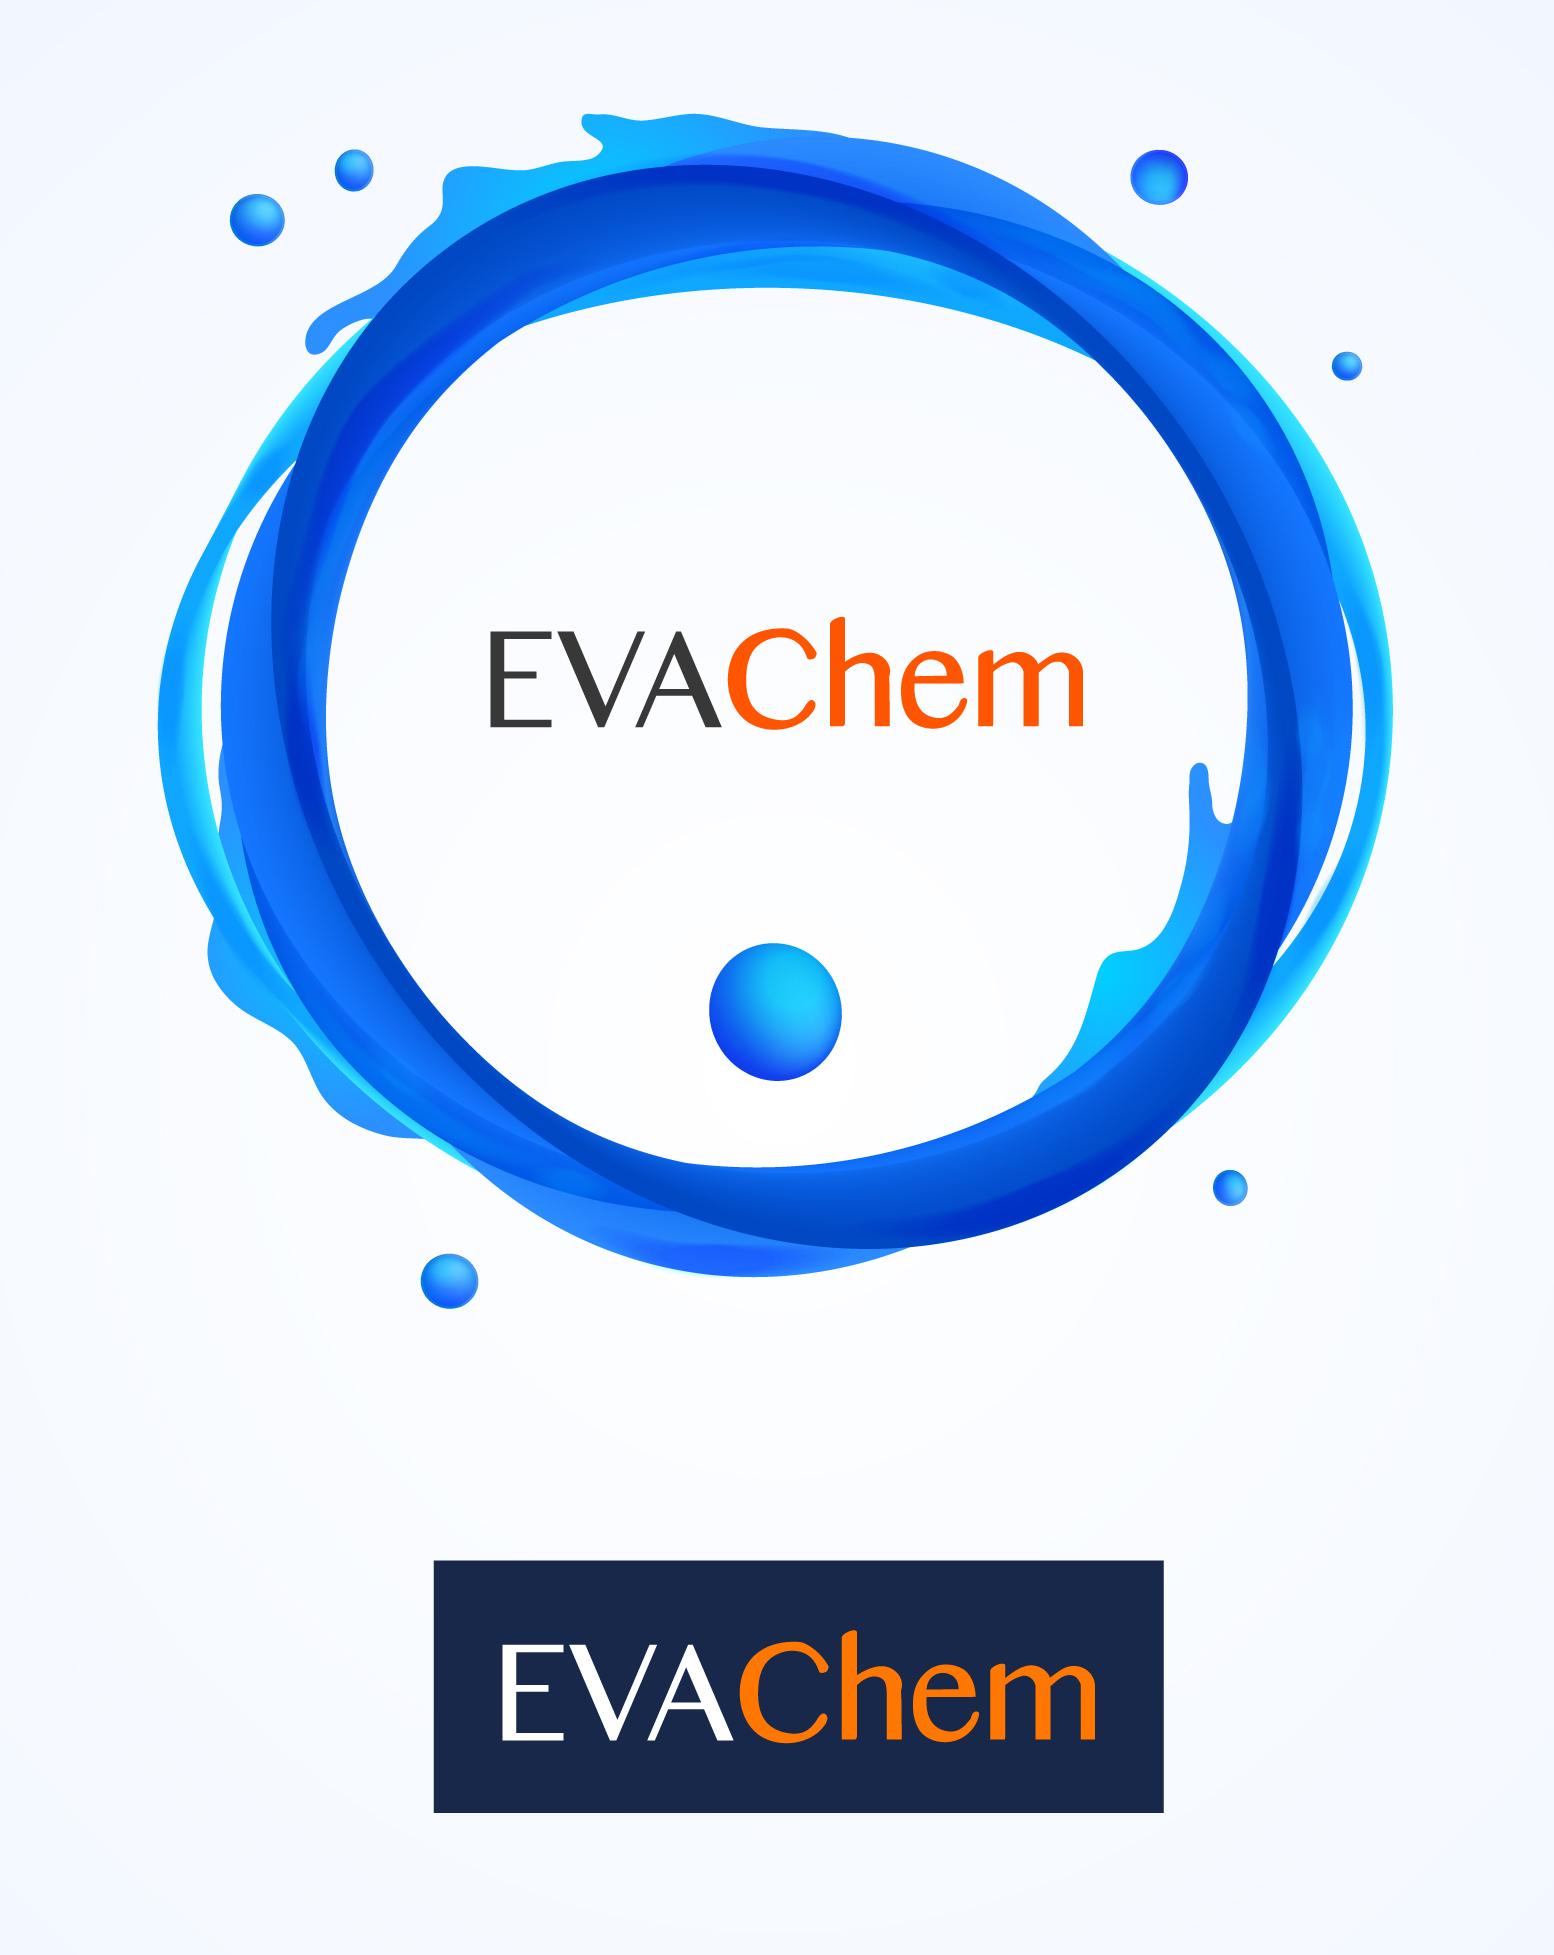 Разработка логотипа и фирменного стиля компании фото f_152572a4ca9e09d9.jpg